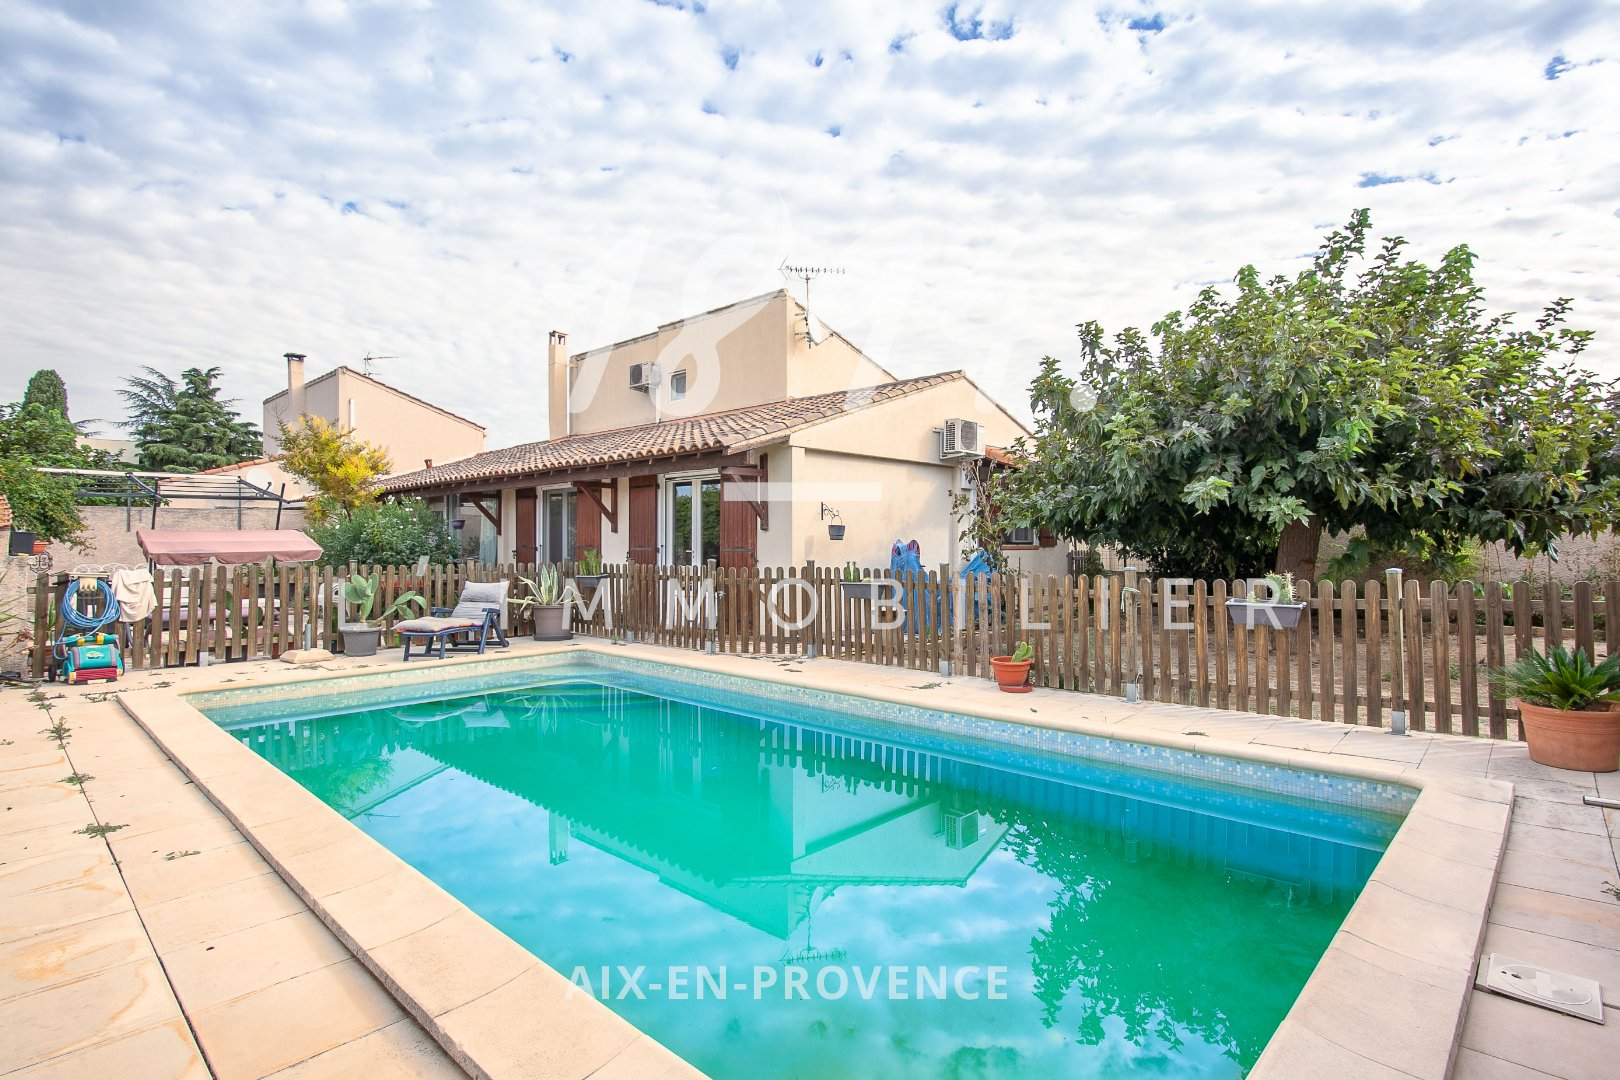 Maison T5 au calme d'un quartier résidentiel piscine et jardin paysagé